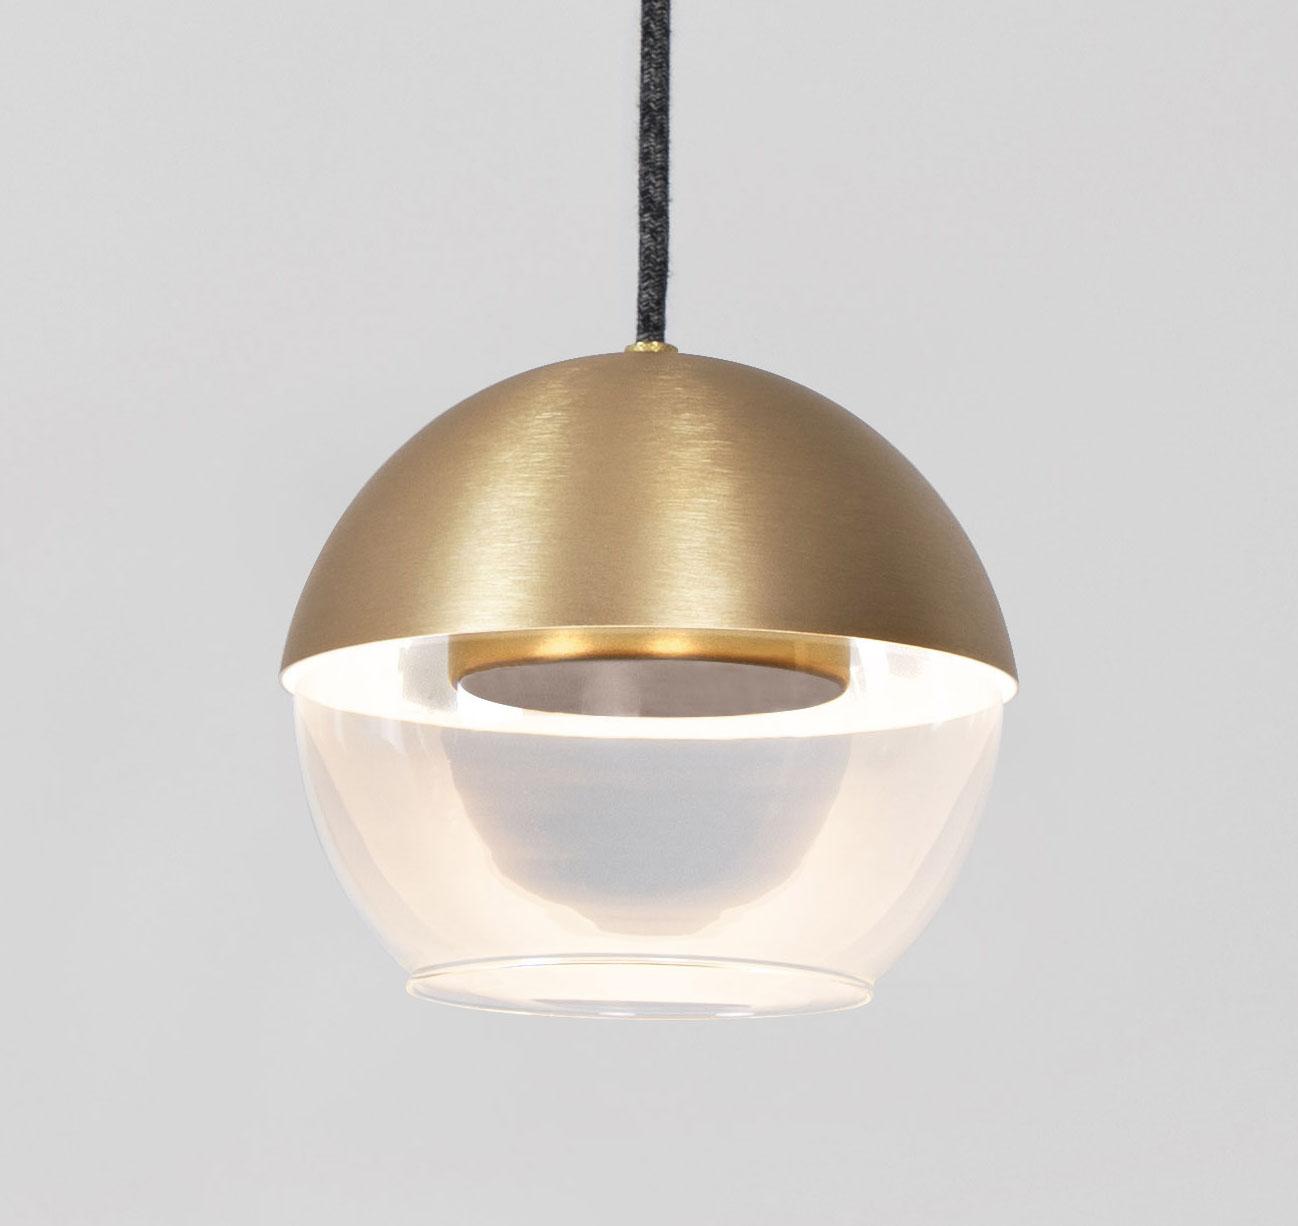 Muse LED glass globe pendant light